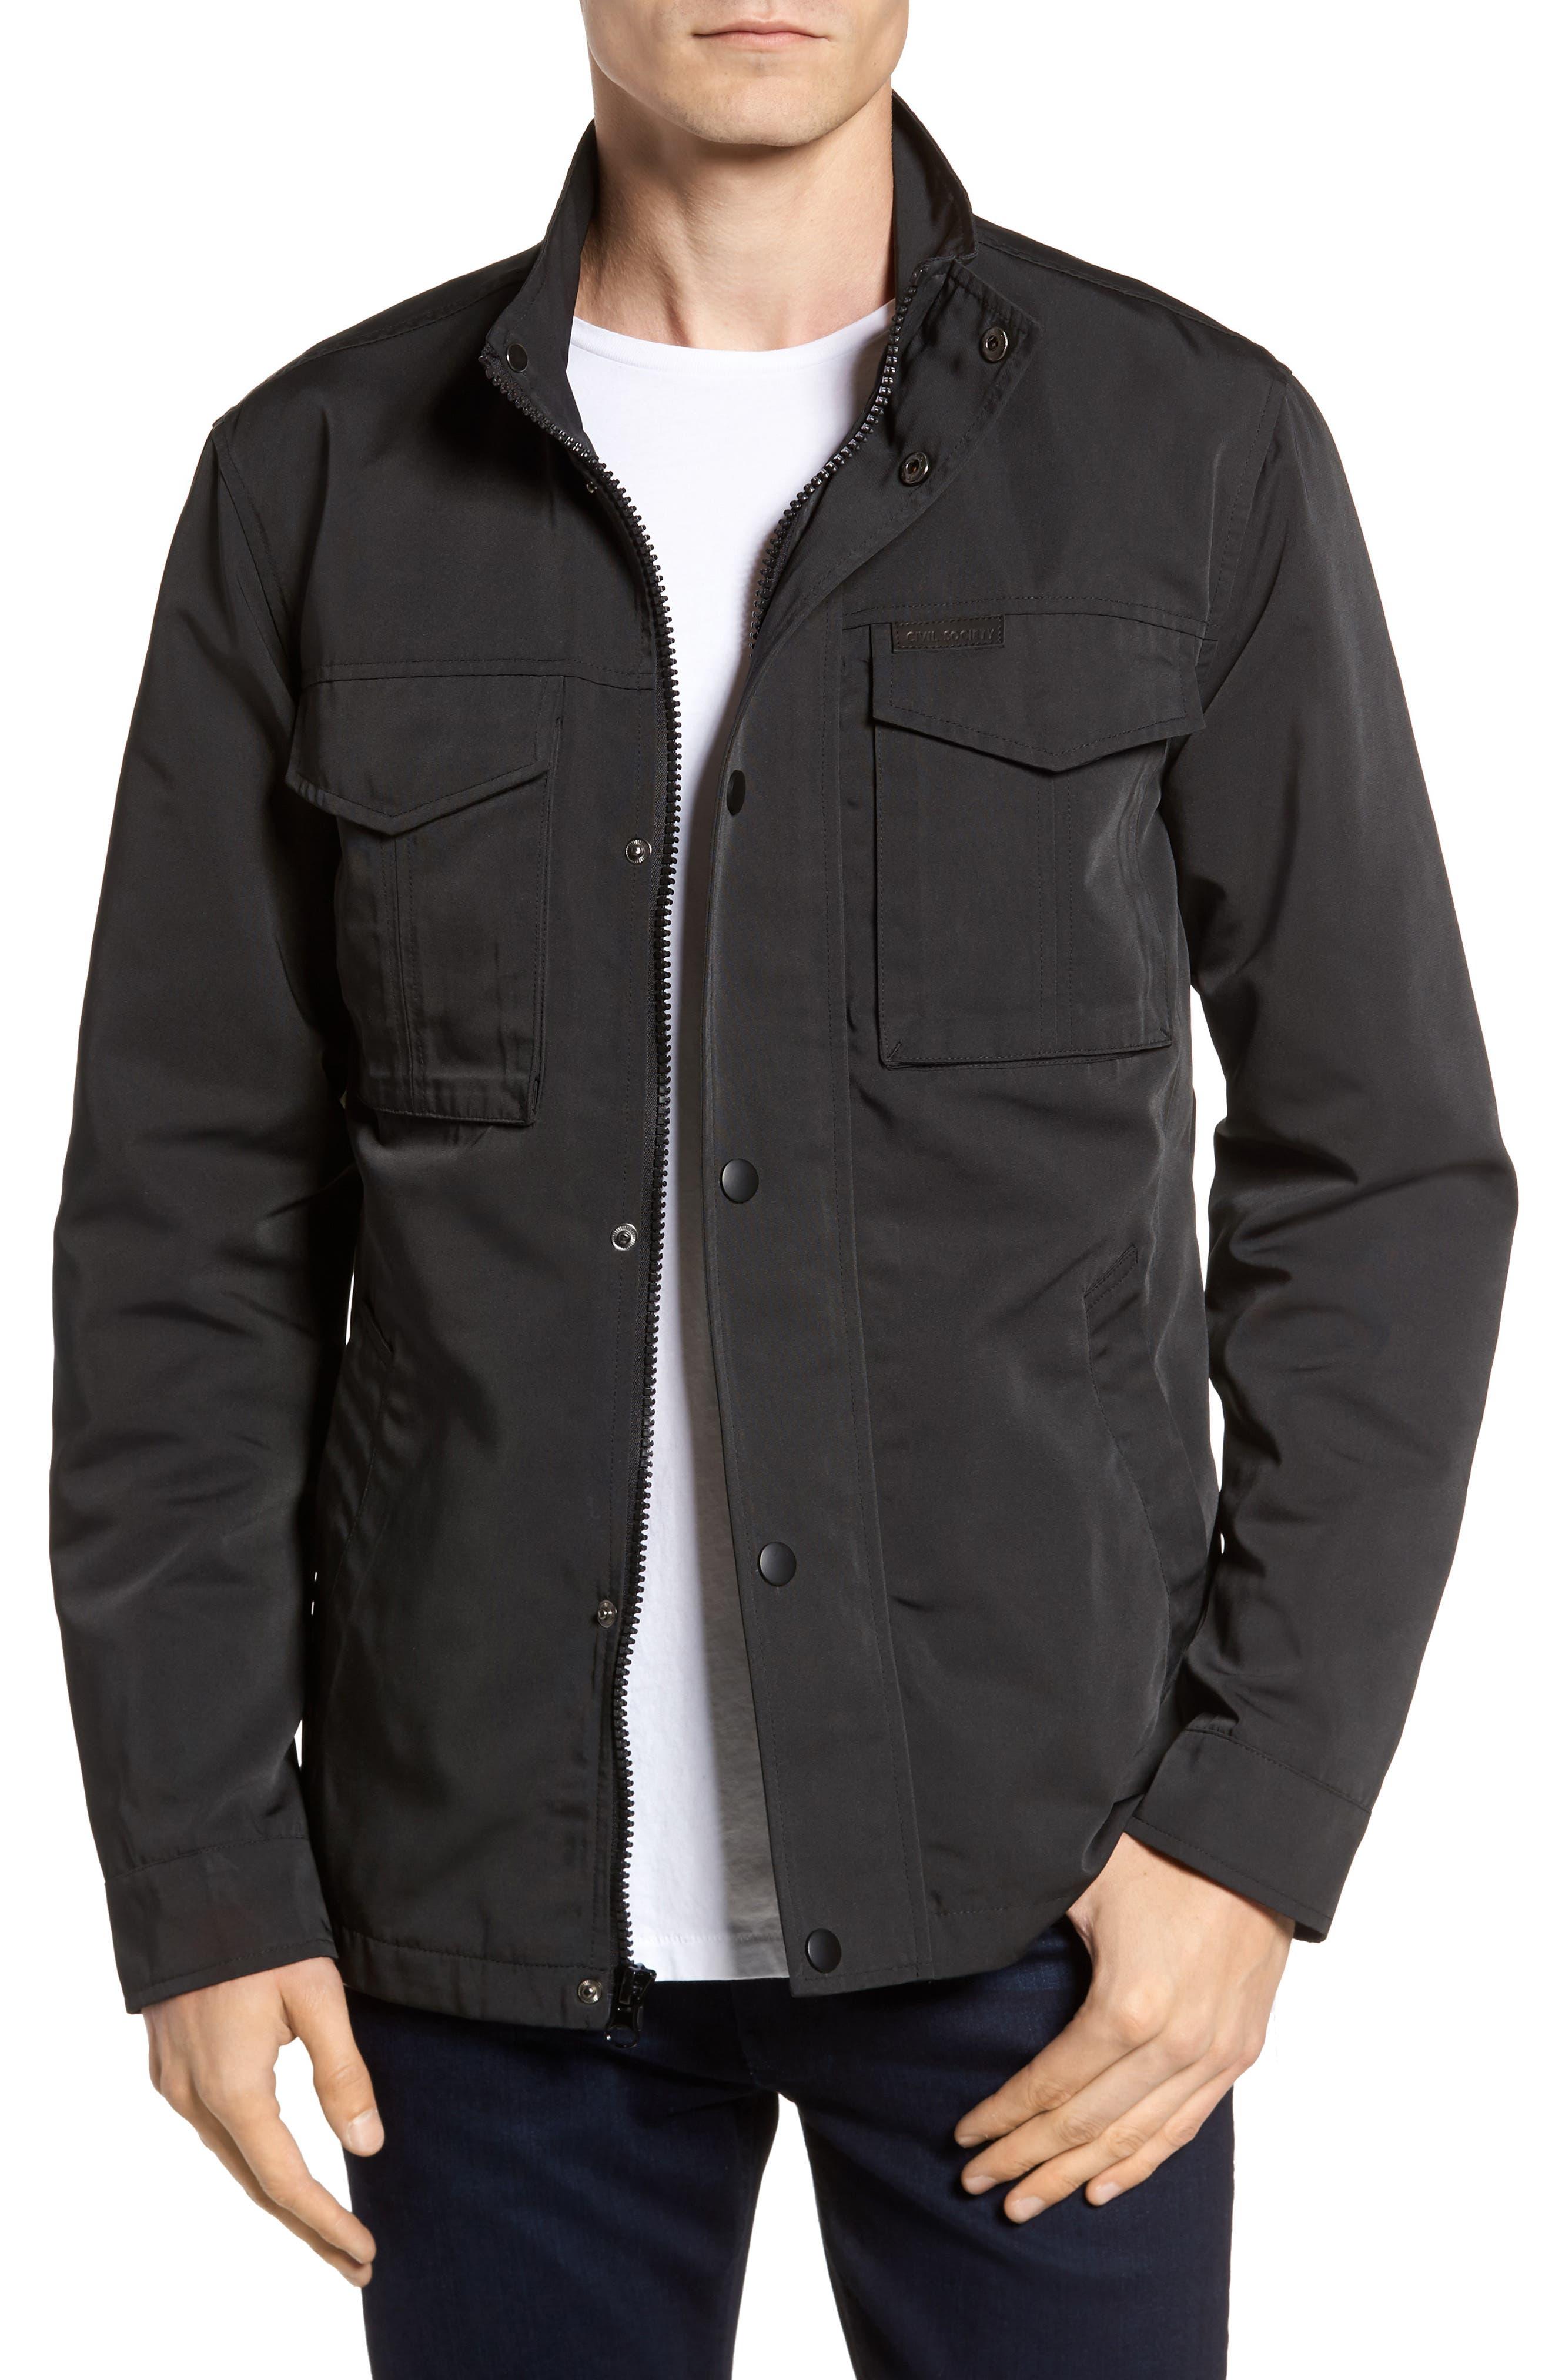 Alternate Image 1 Selected - Civil Society Dougie Waterproof Jacket